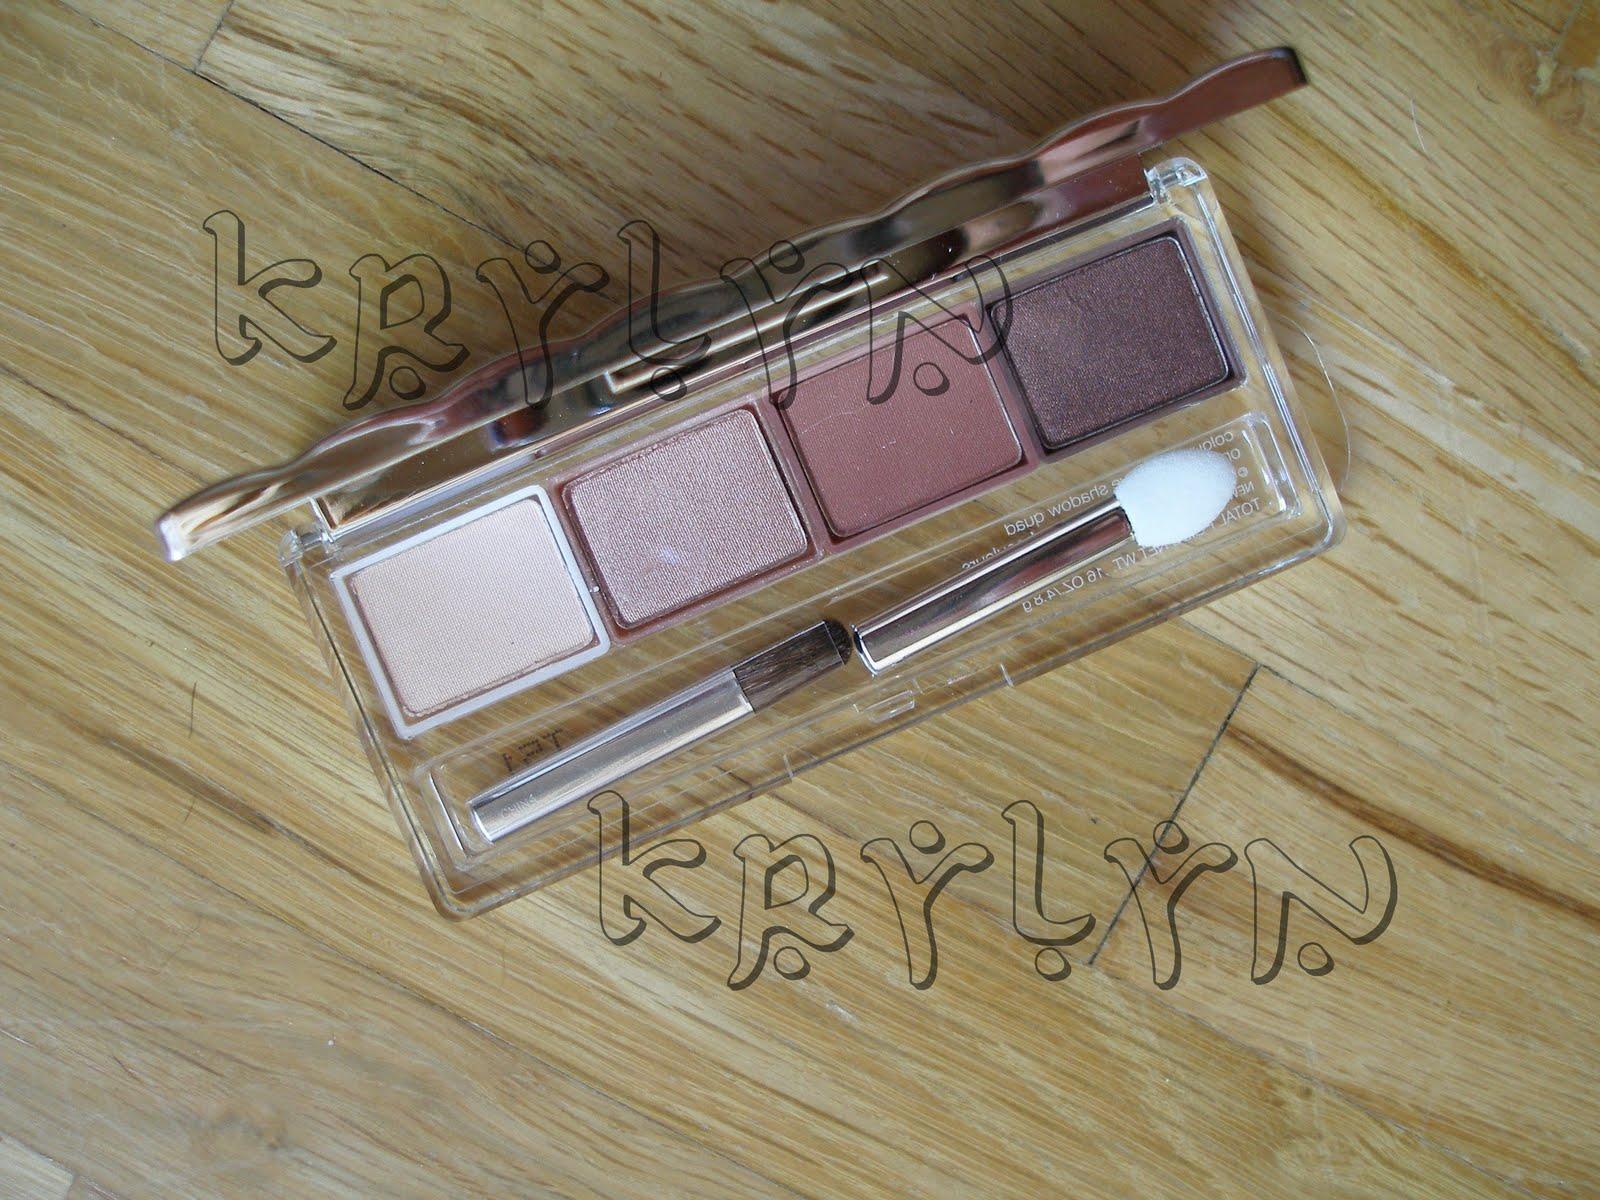 Krylyn: Clinique Black Honey Eyeshadow Palette